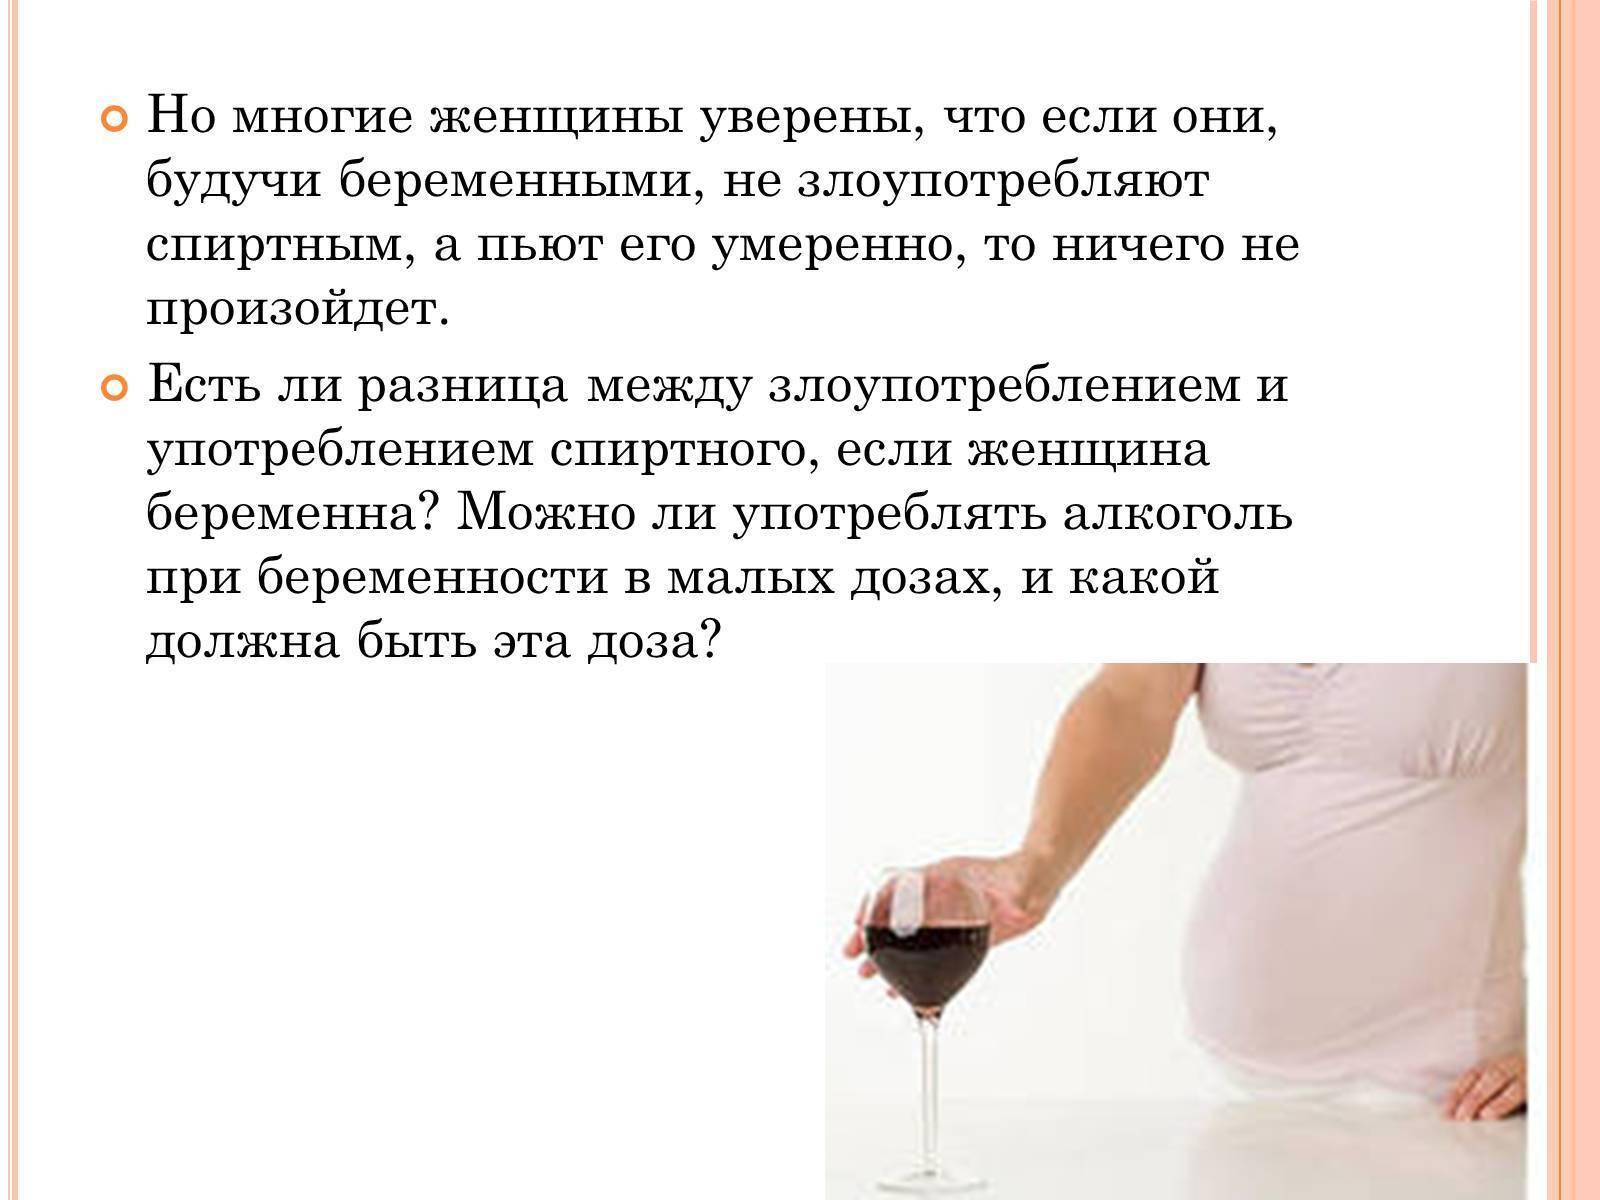 Алкоголь при беременности: если очень хочется, то можно?